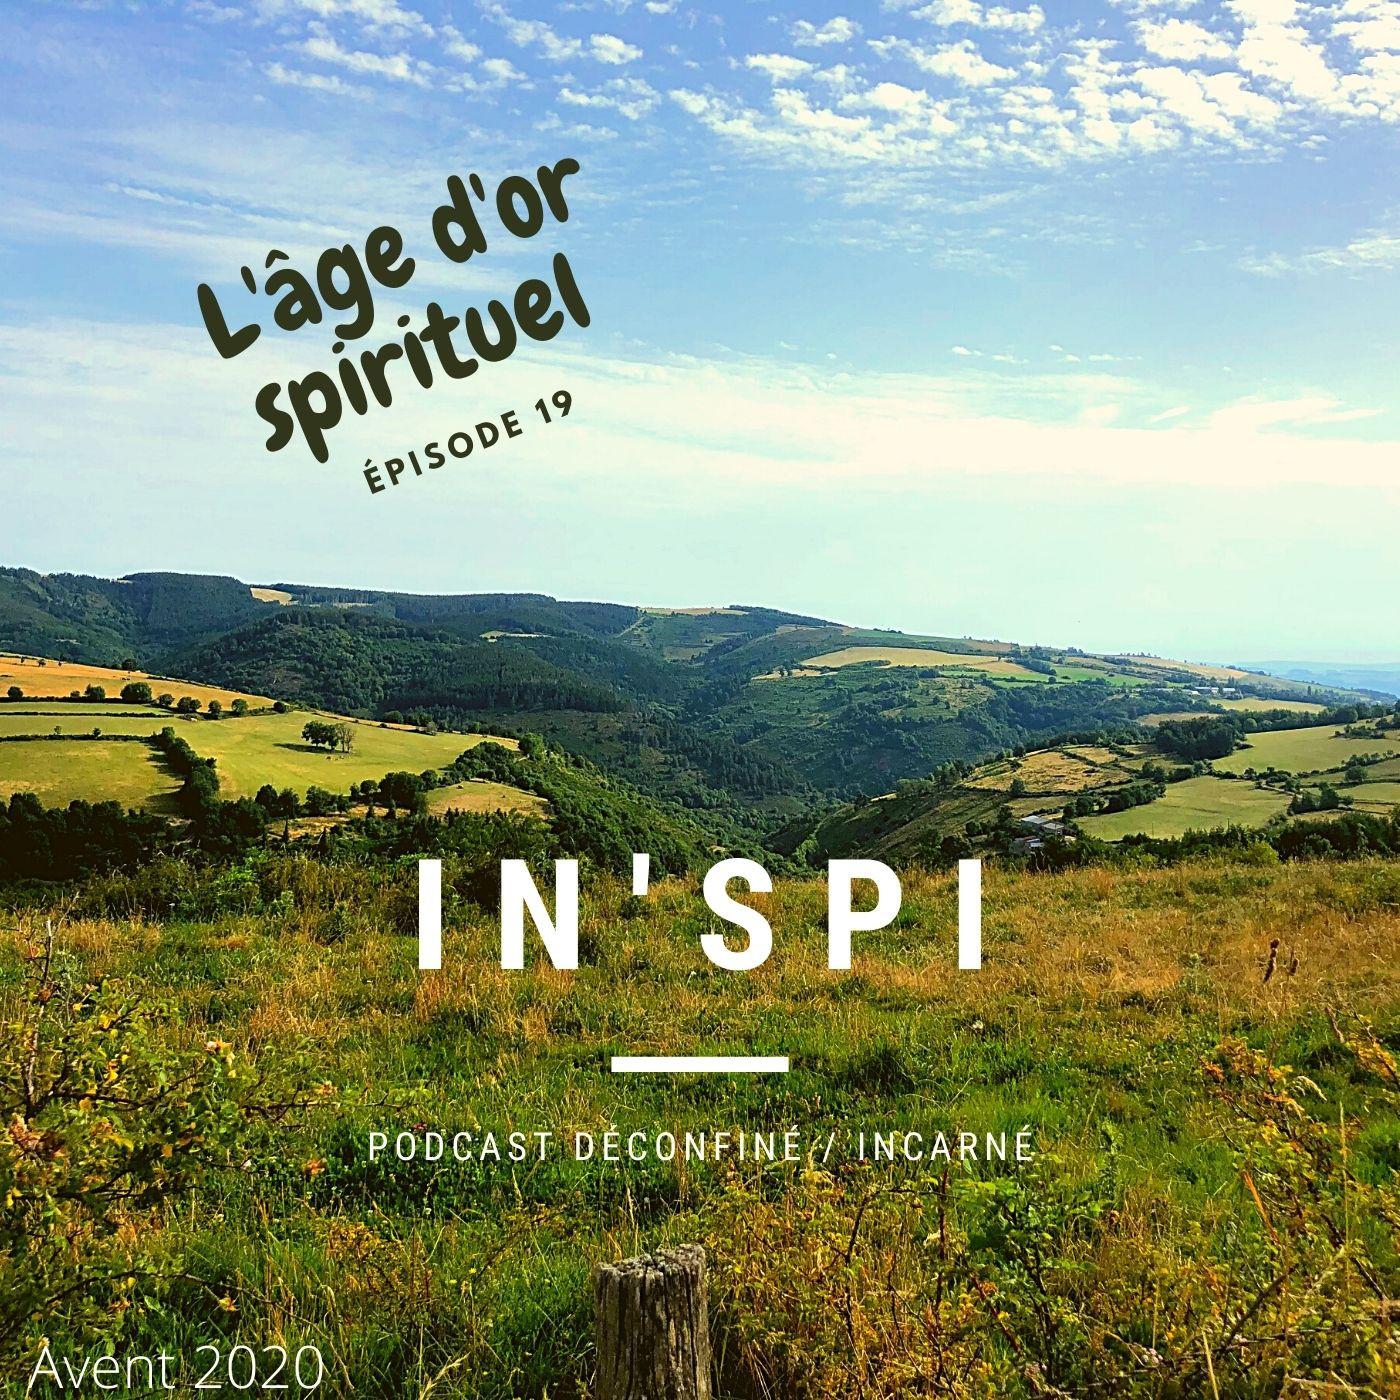 L'âge d'or spirituel